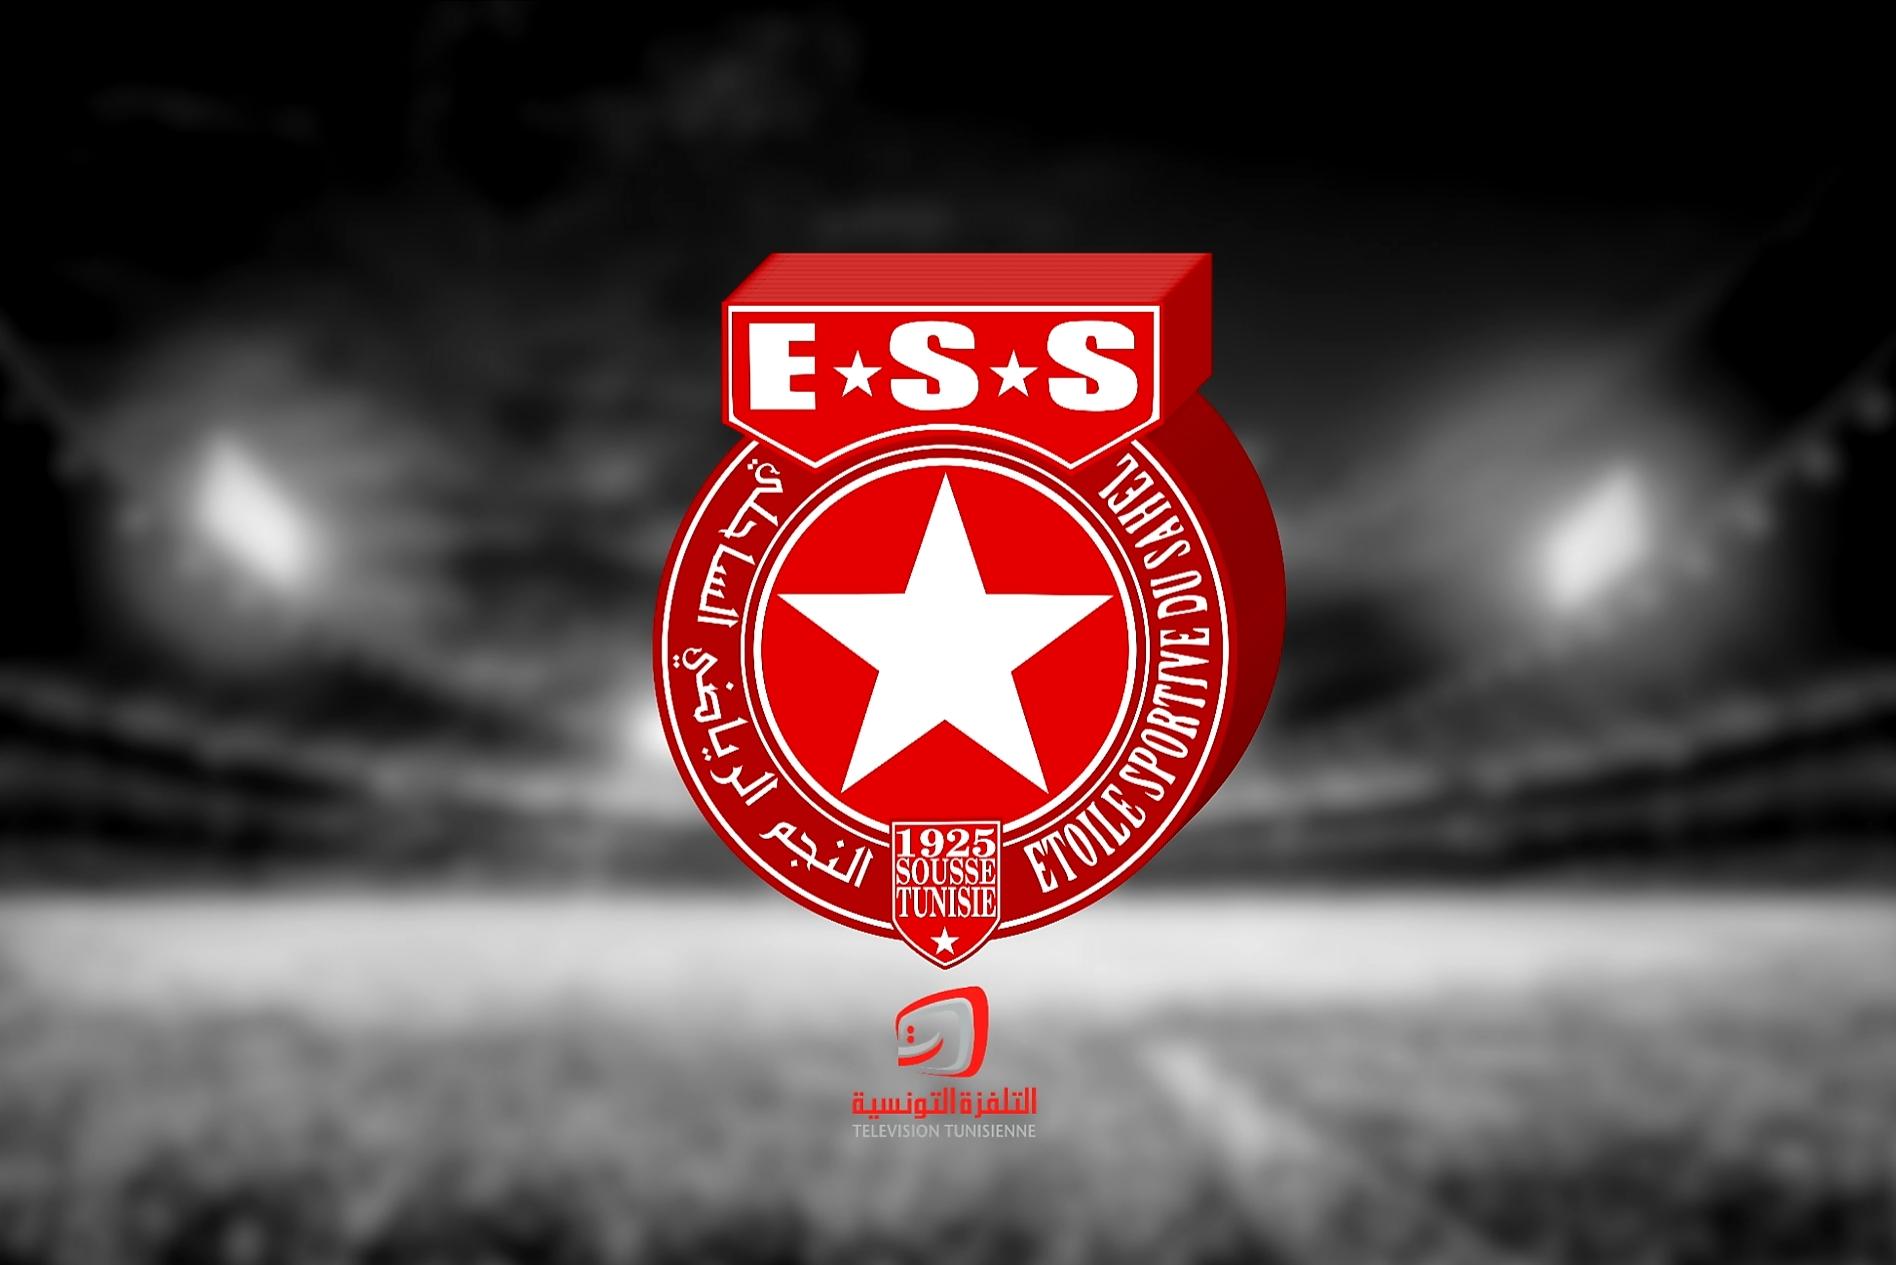 دعوة لاعب النجم الساحلي الجديد حسين بن عيادة للإنضمام الى صفوف منتخب الجزائر